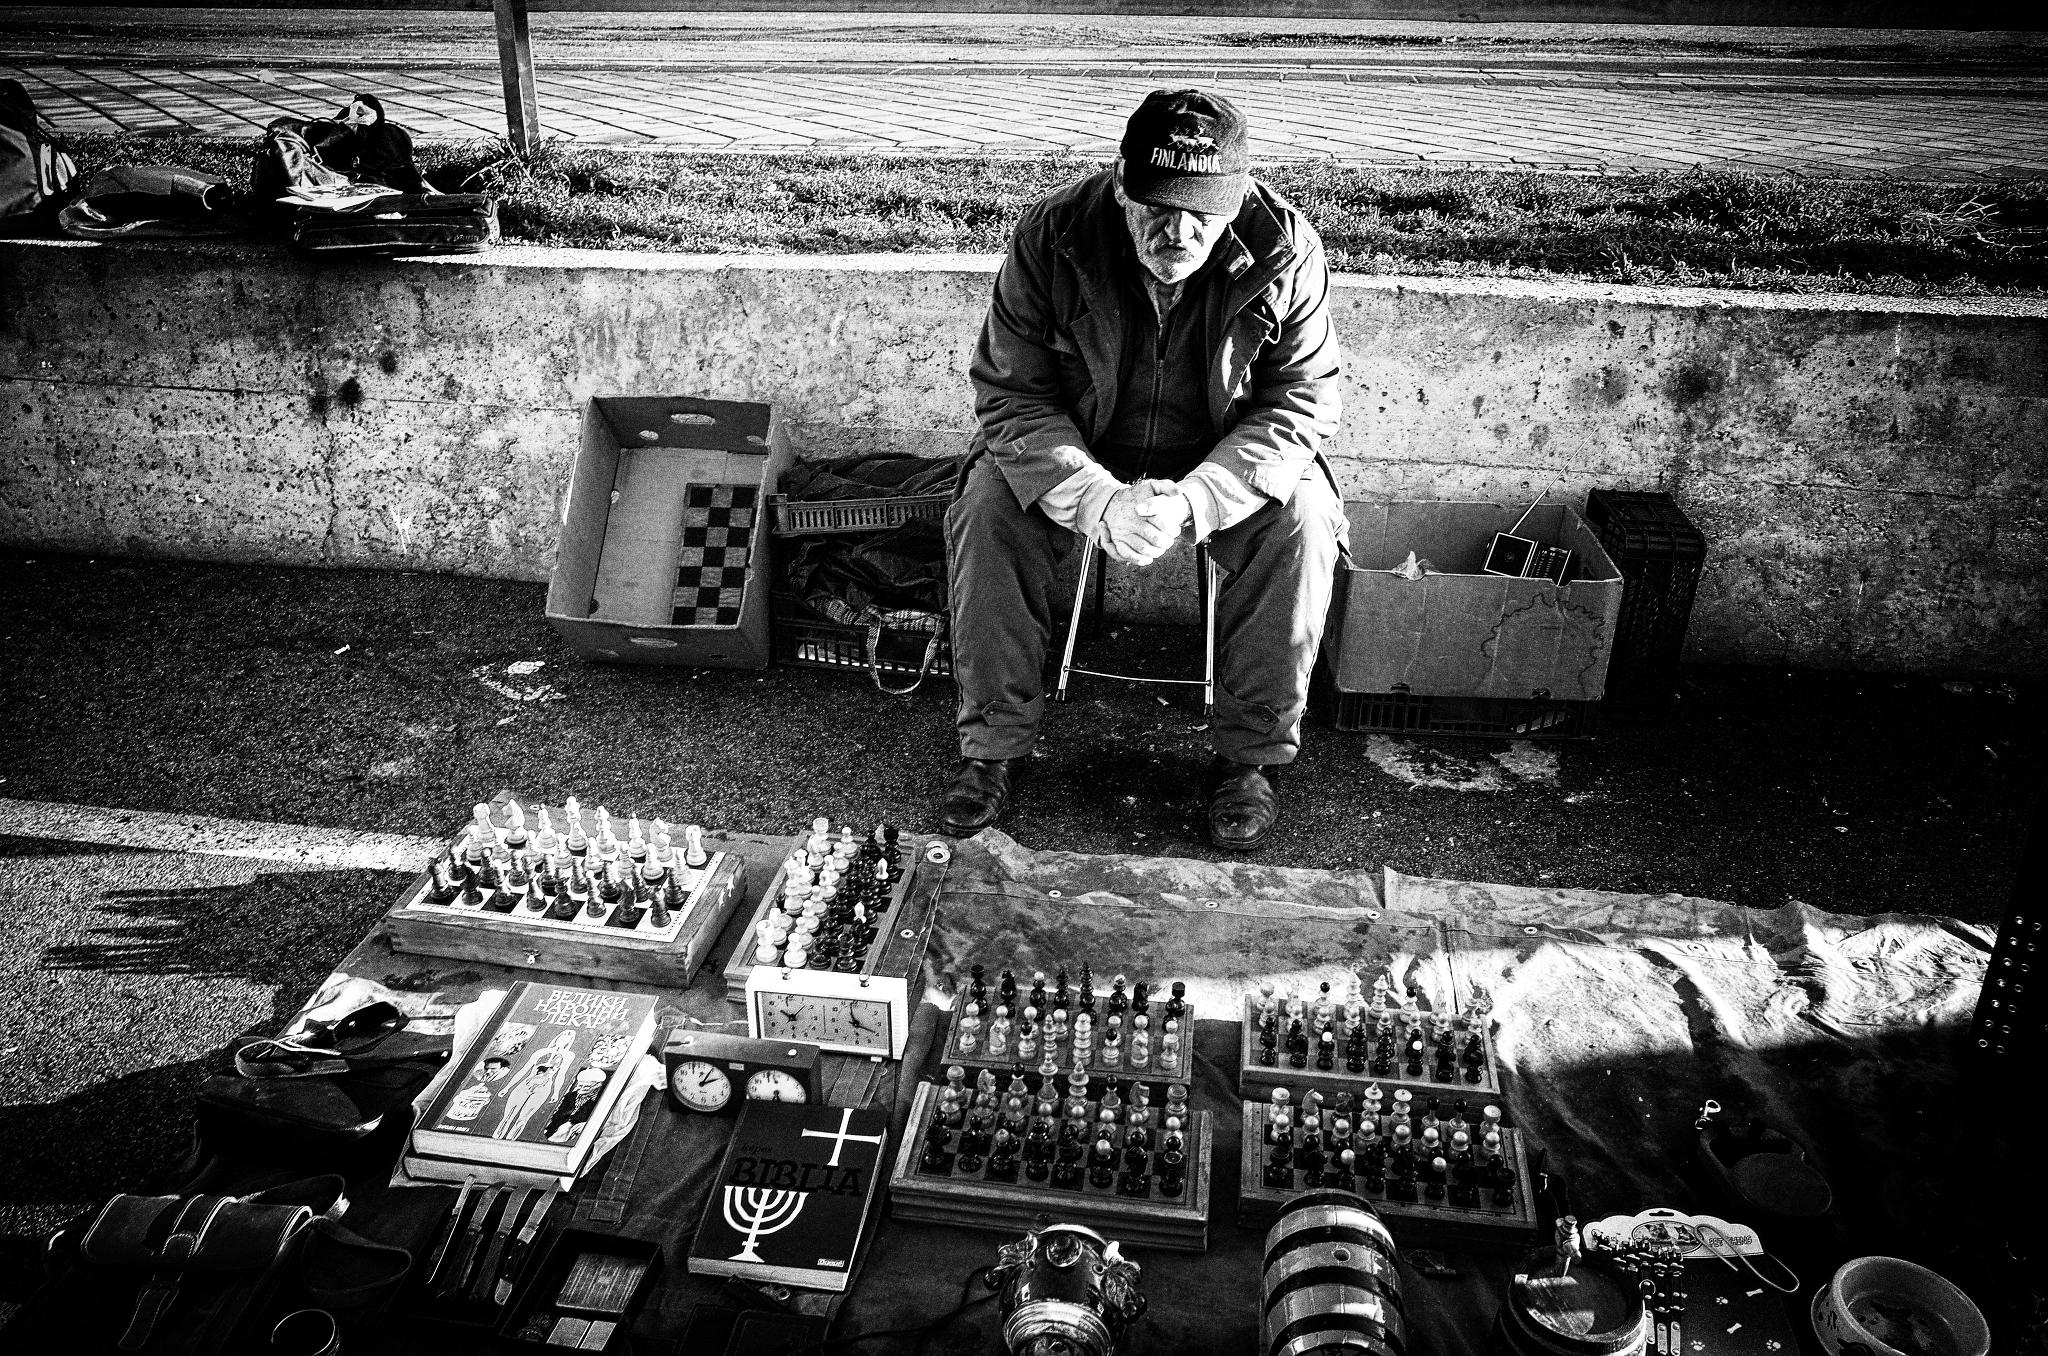 zlatko vickovicnylon market0013.jpg